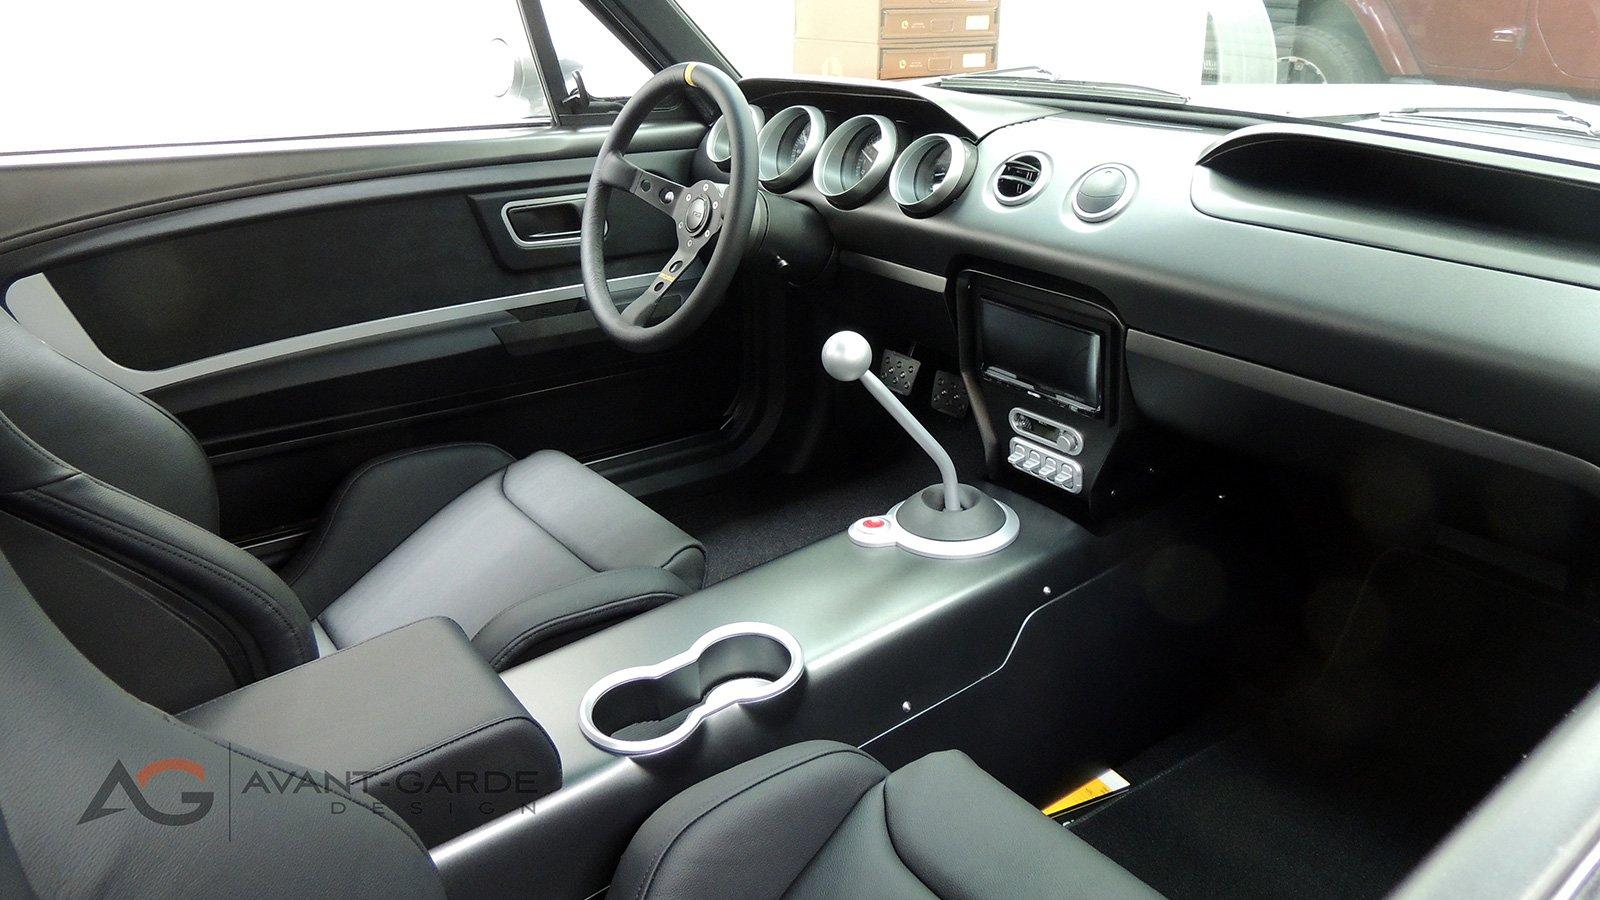 65-mustang-vapor-custom-interior-2